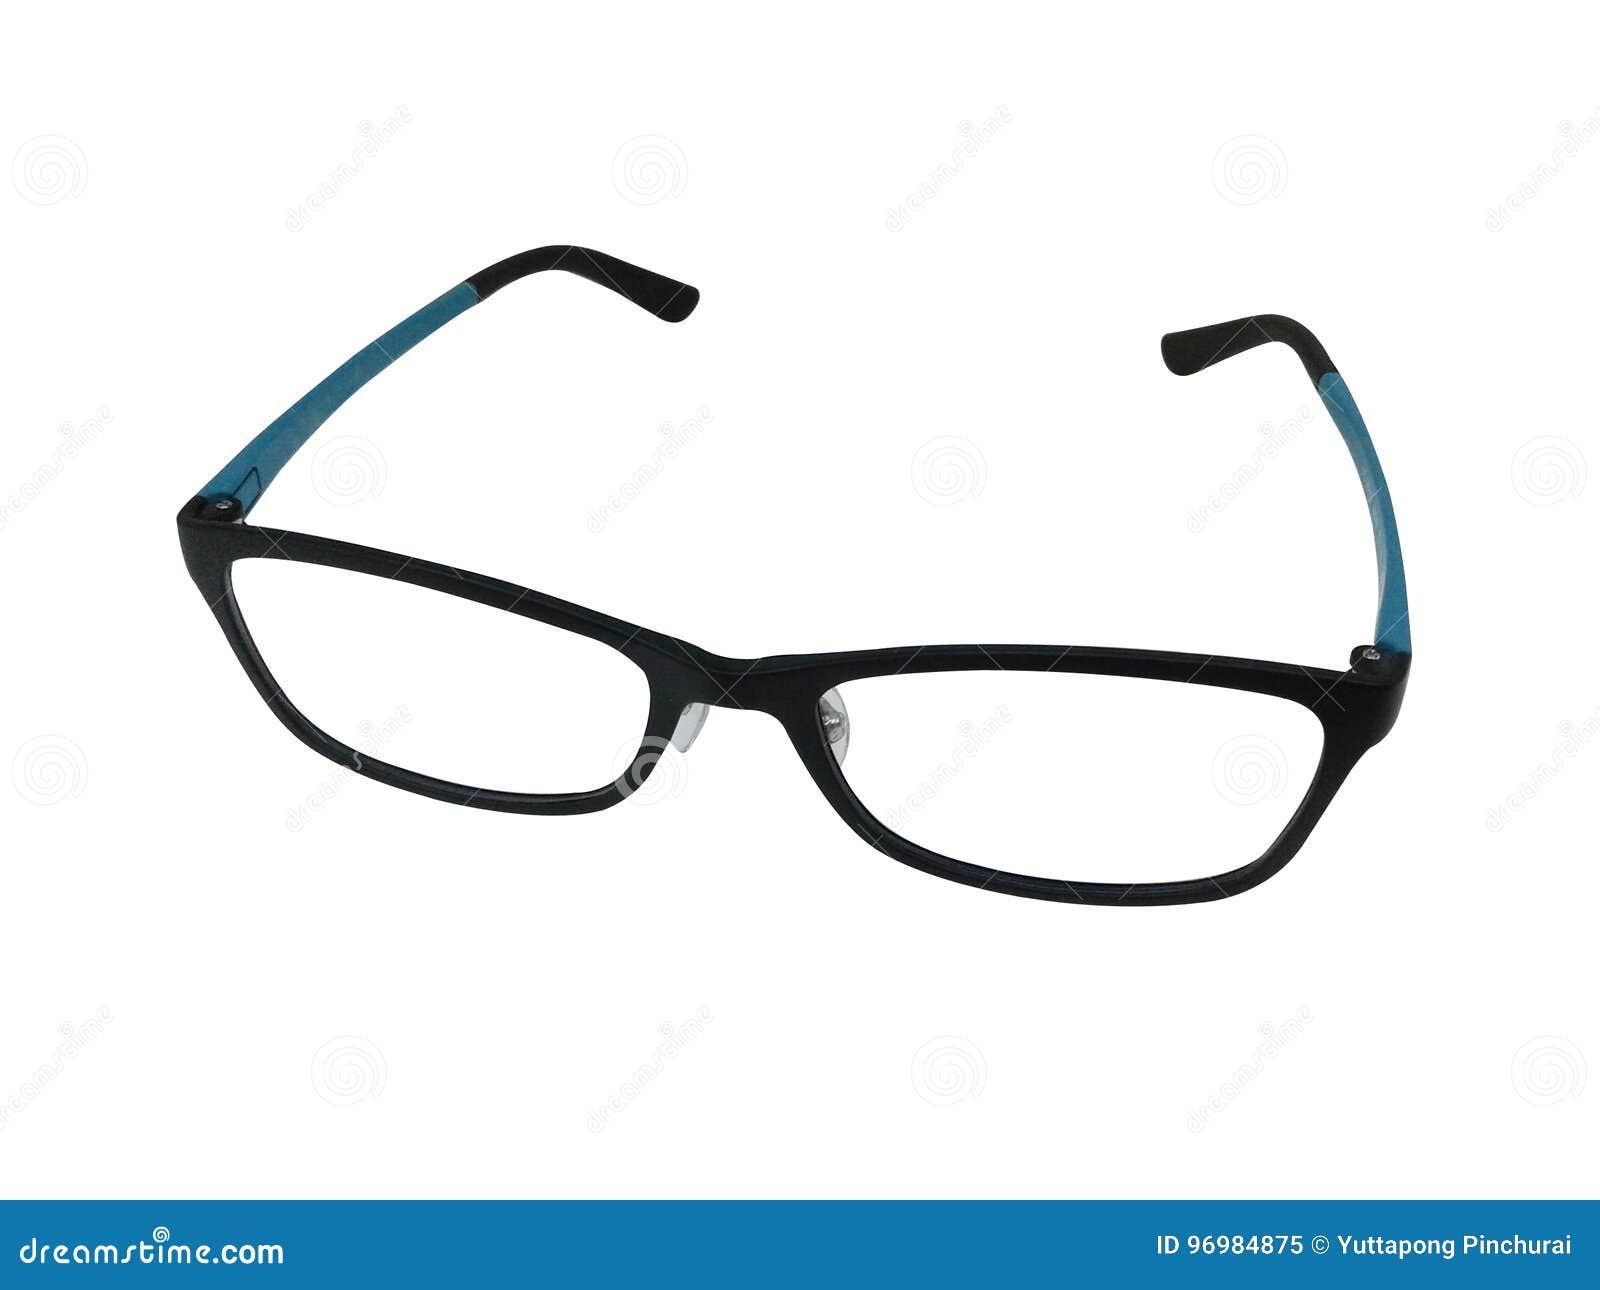 Eye Glasses Fashion Glasses Isolated On White Background